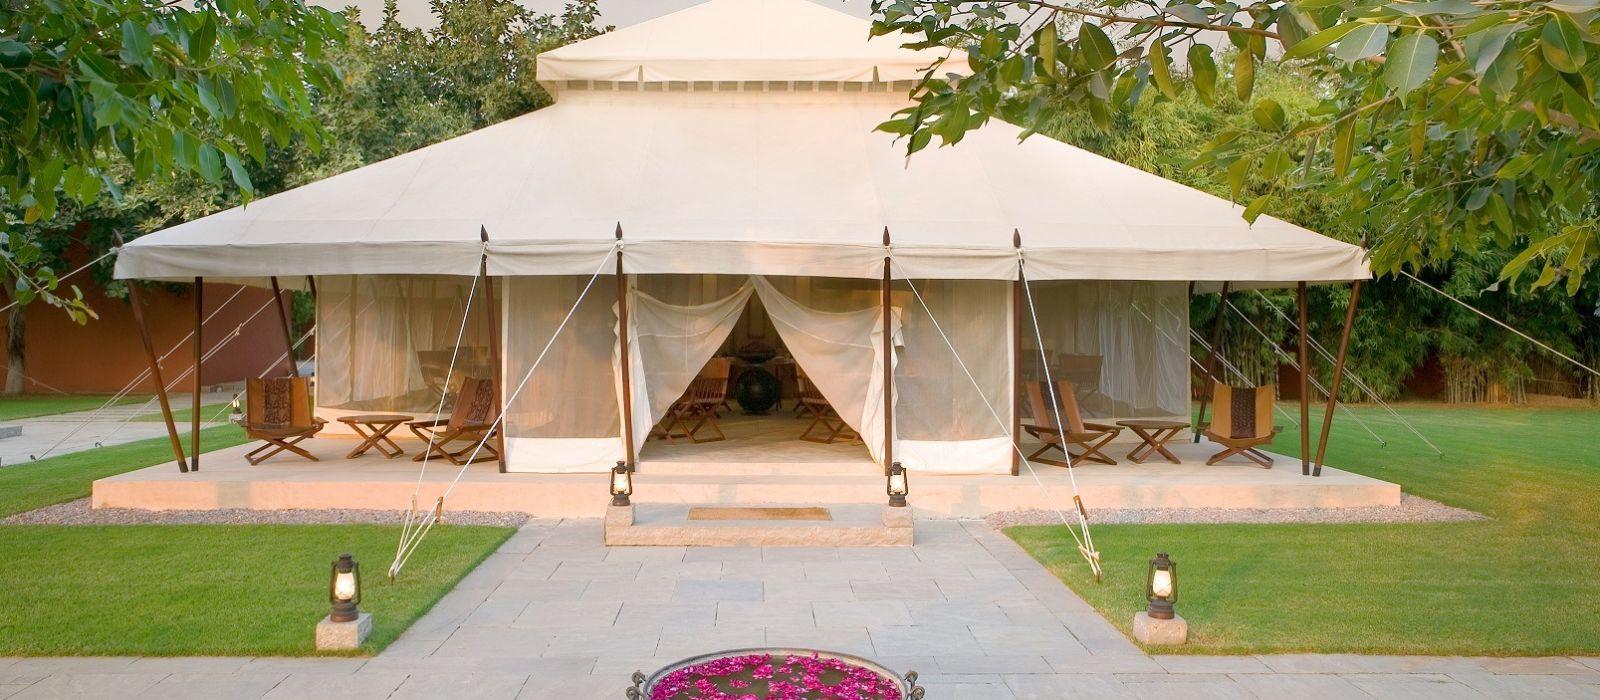 Hotel Aman-i-Khas North India